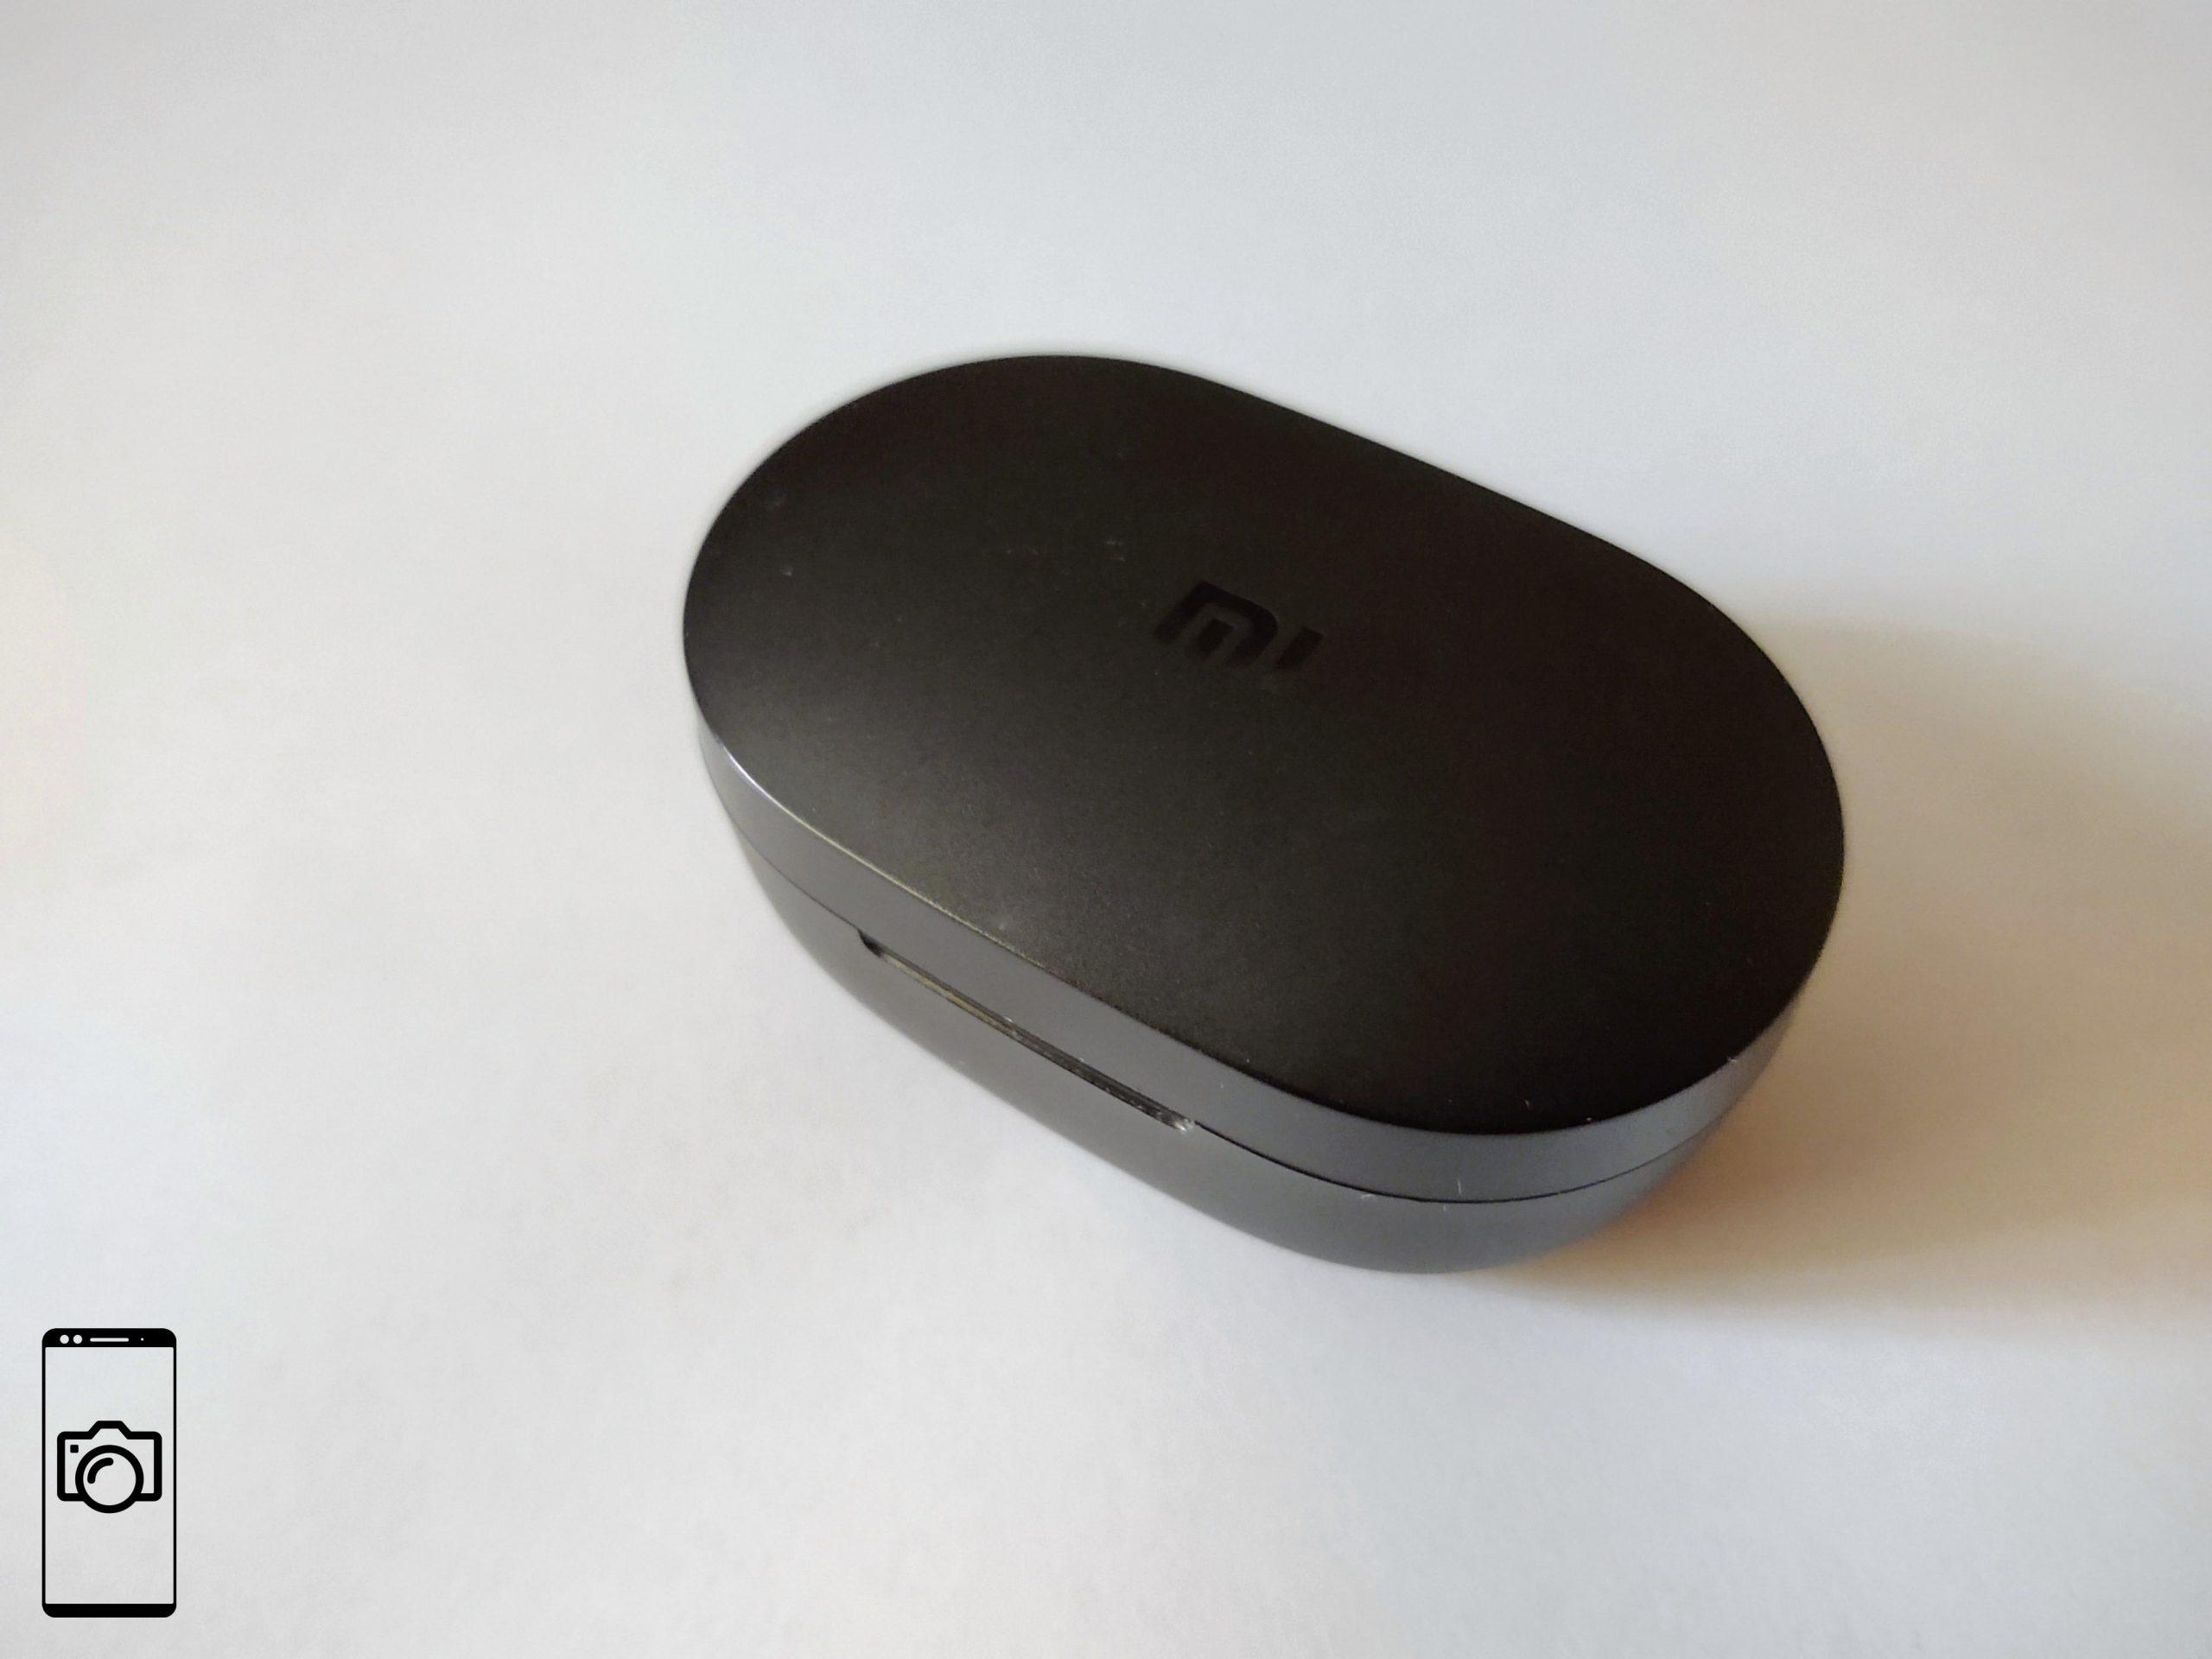 Xiaomi Mi True Wireless Earbuds S